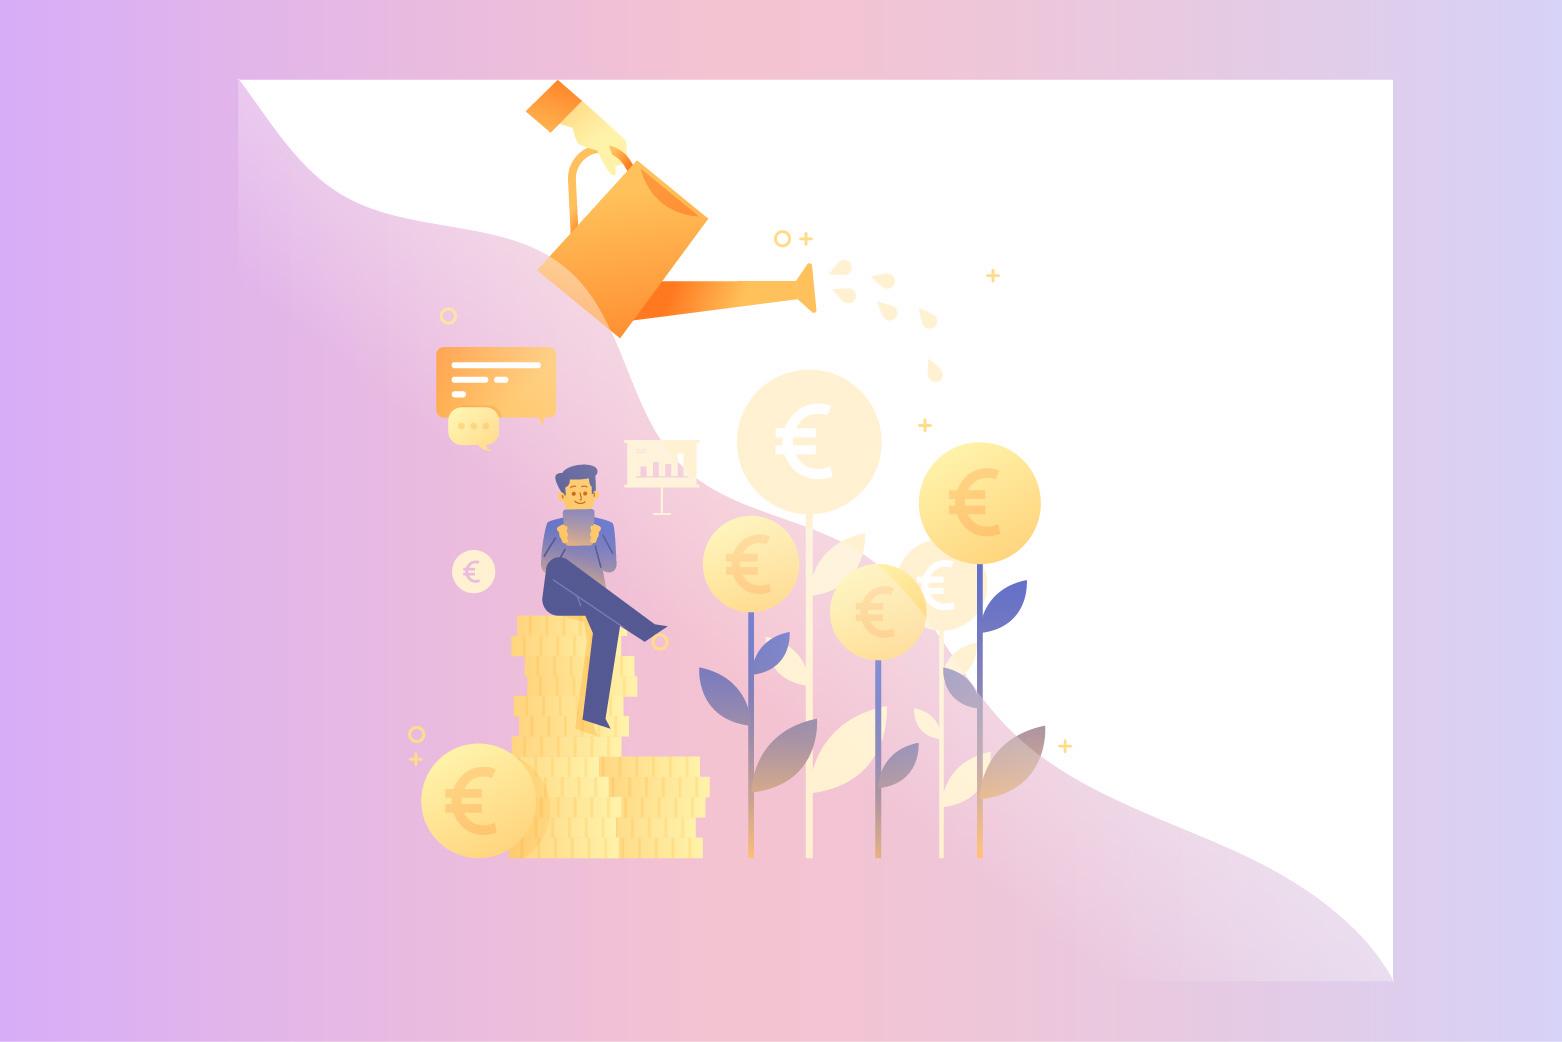 ROI investissement crise